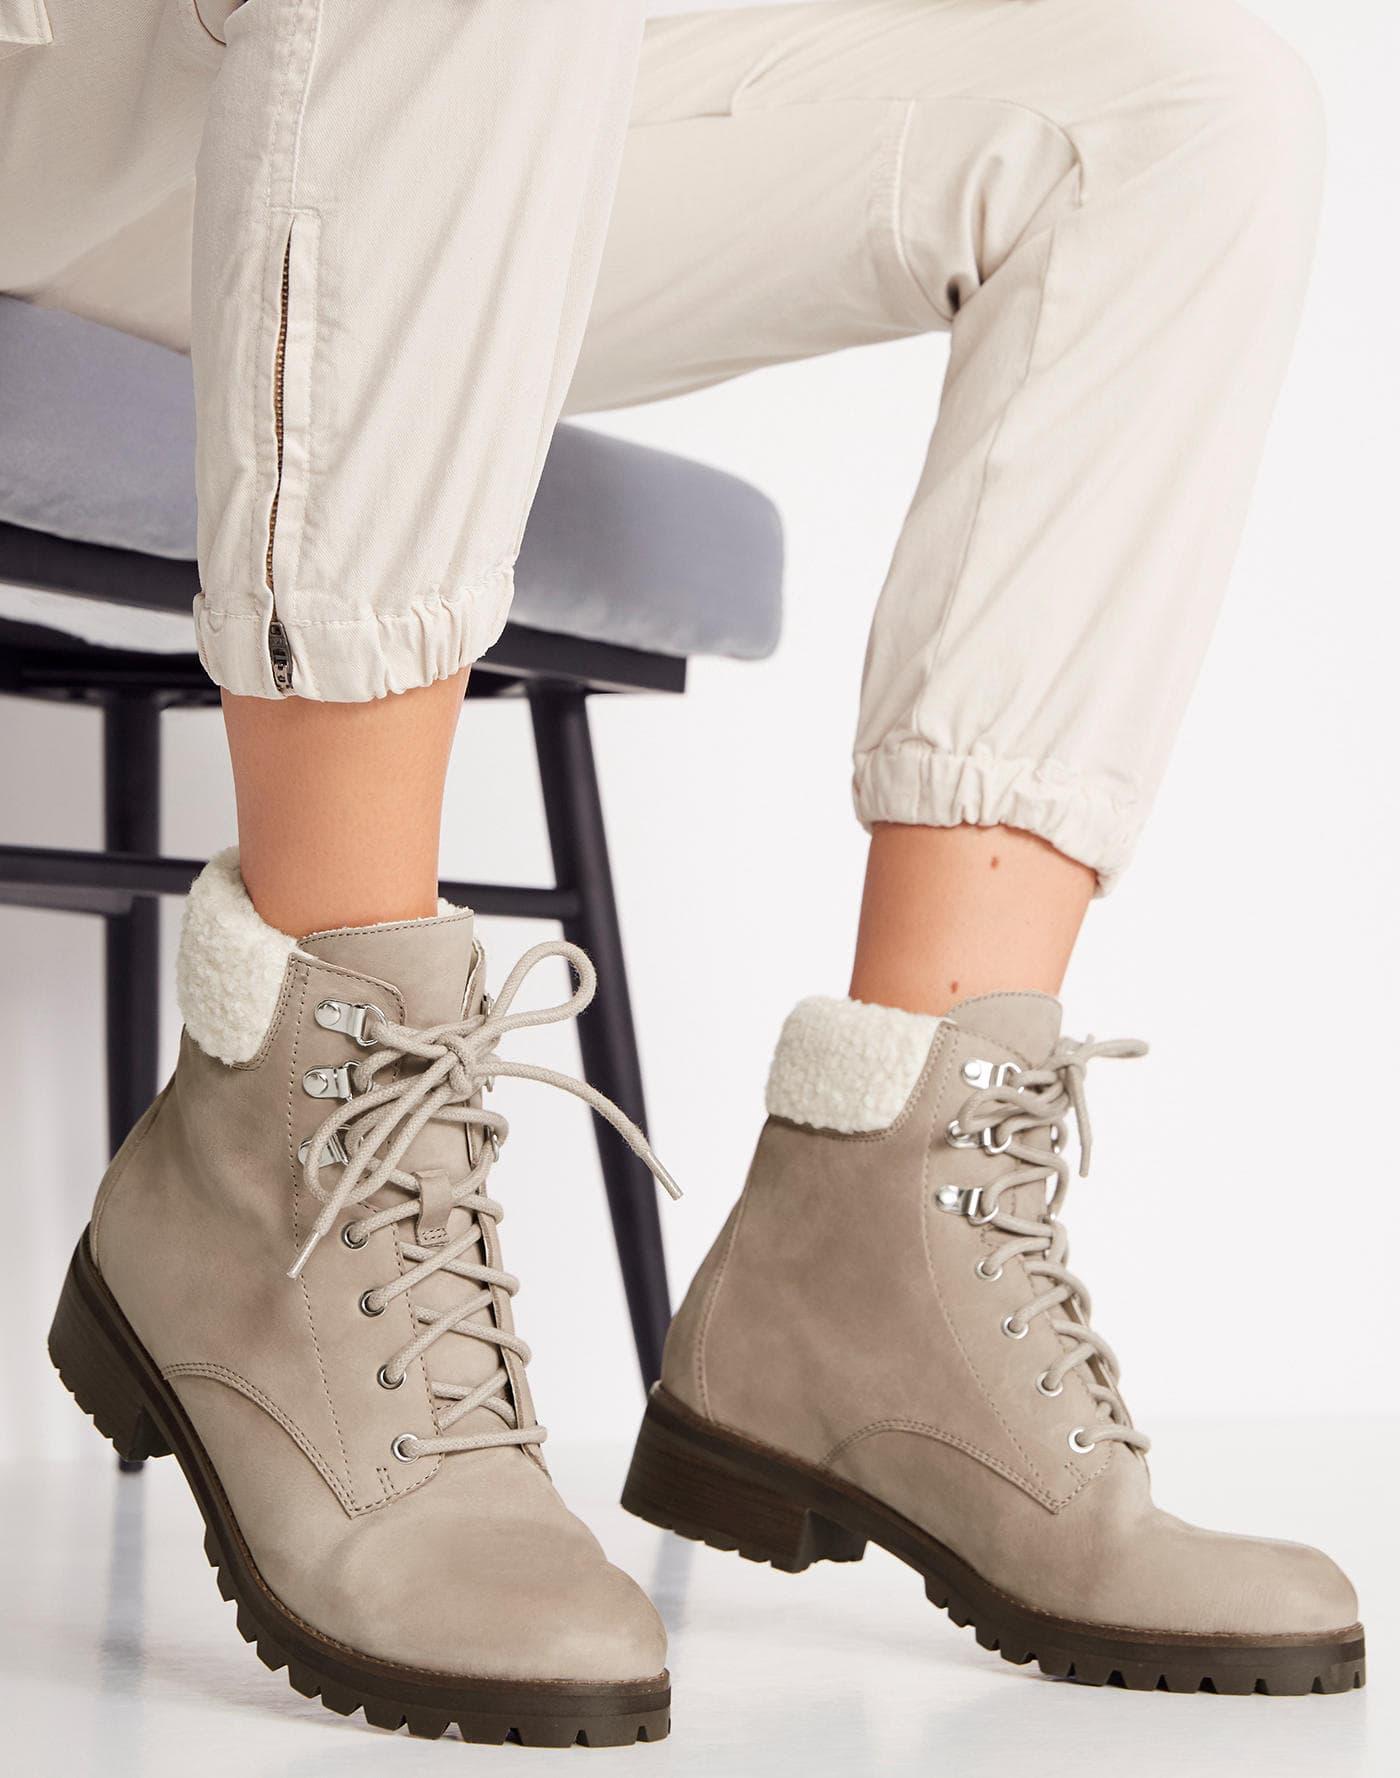 Ankle boots | Aldoshoes.com US